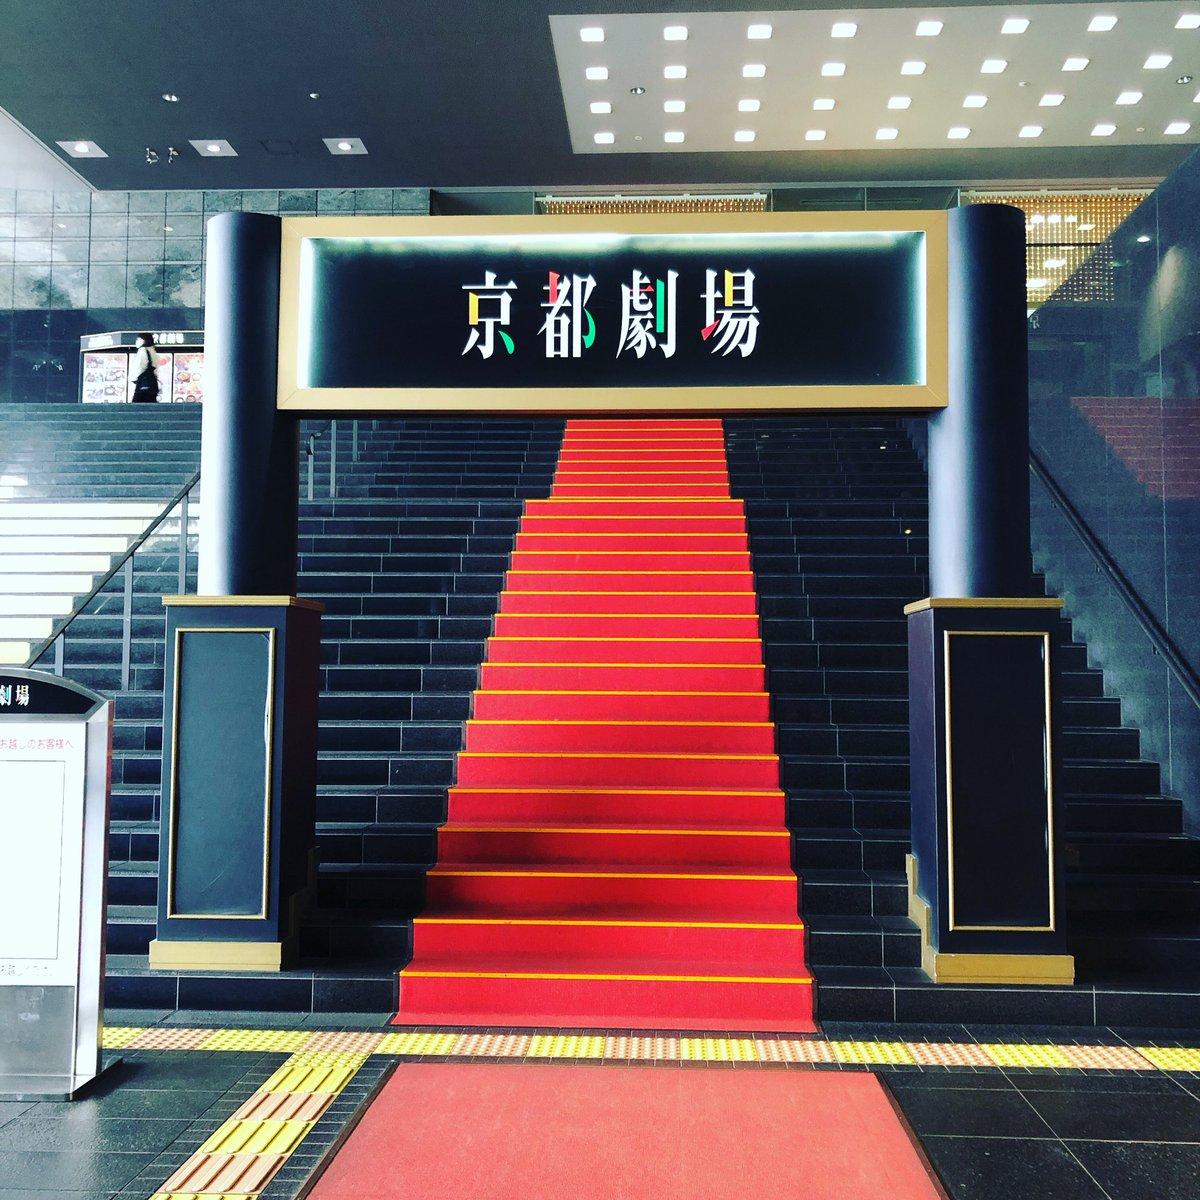 test ツイッターメディア - アクセスが大変良くて遠征の民にとても優しい京都劇場…はじめまして、そしてありがとうございました✨☺️✨次は京都千秋楽でまた会えるのを楽しみに頑張ります!観劇前に久々に出町ふたばの豆餅と桜餅を食べたんだけどいつ食べても本当に頬っぺたが落ちるほど美味しいなぁ🌸また食べたい🤤 https://t.co/ERRhu9dDmd